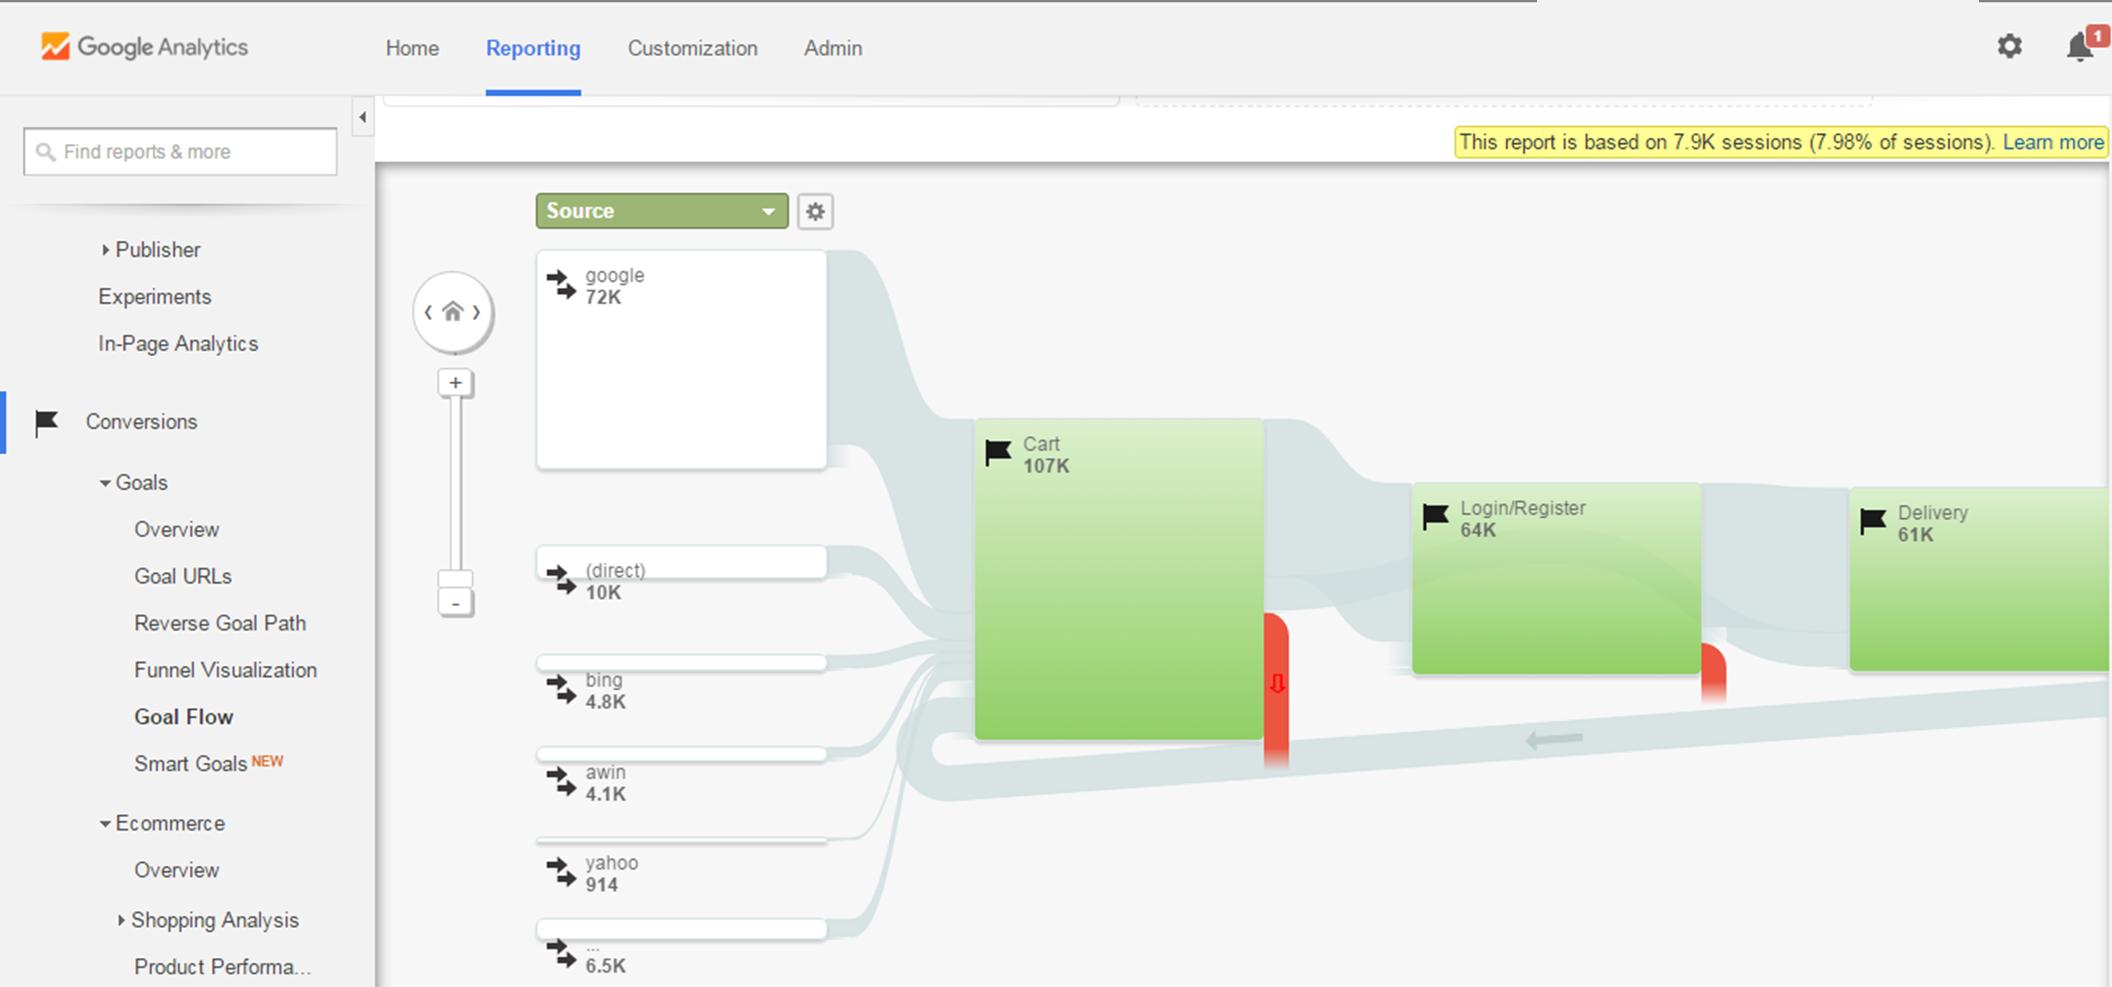 Google Analytics consultants